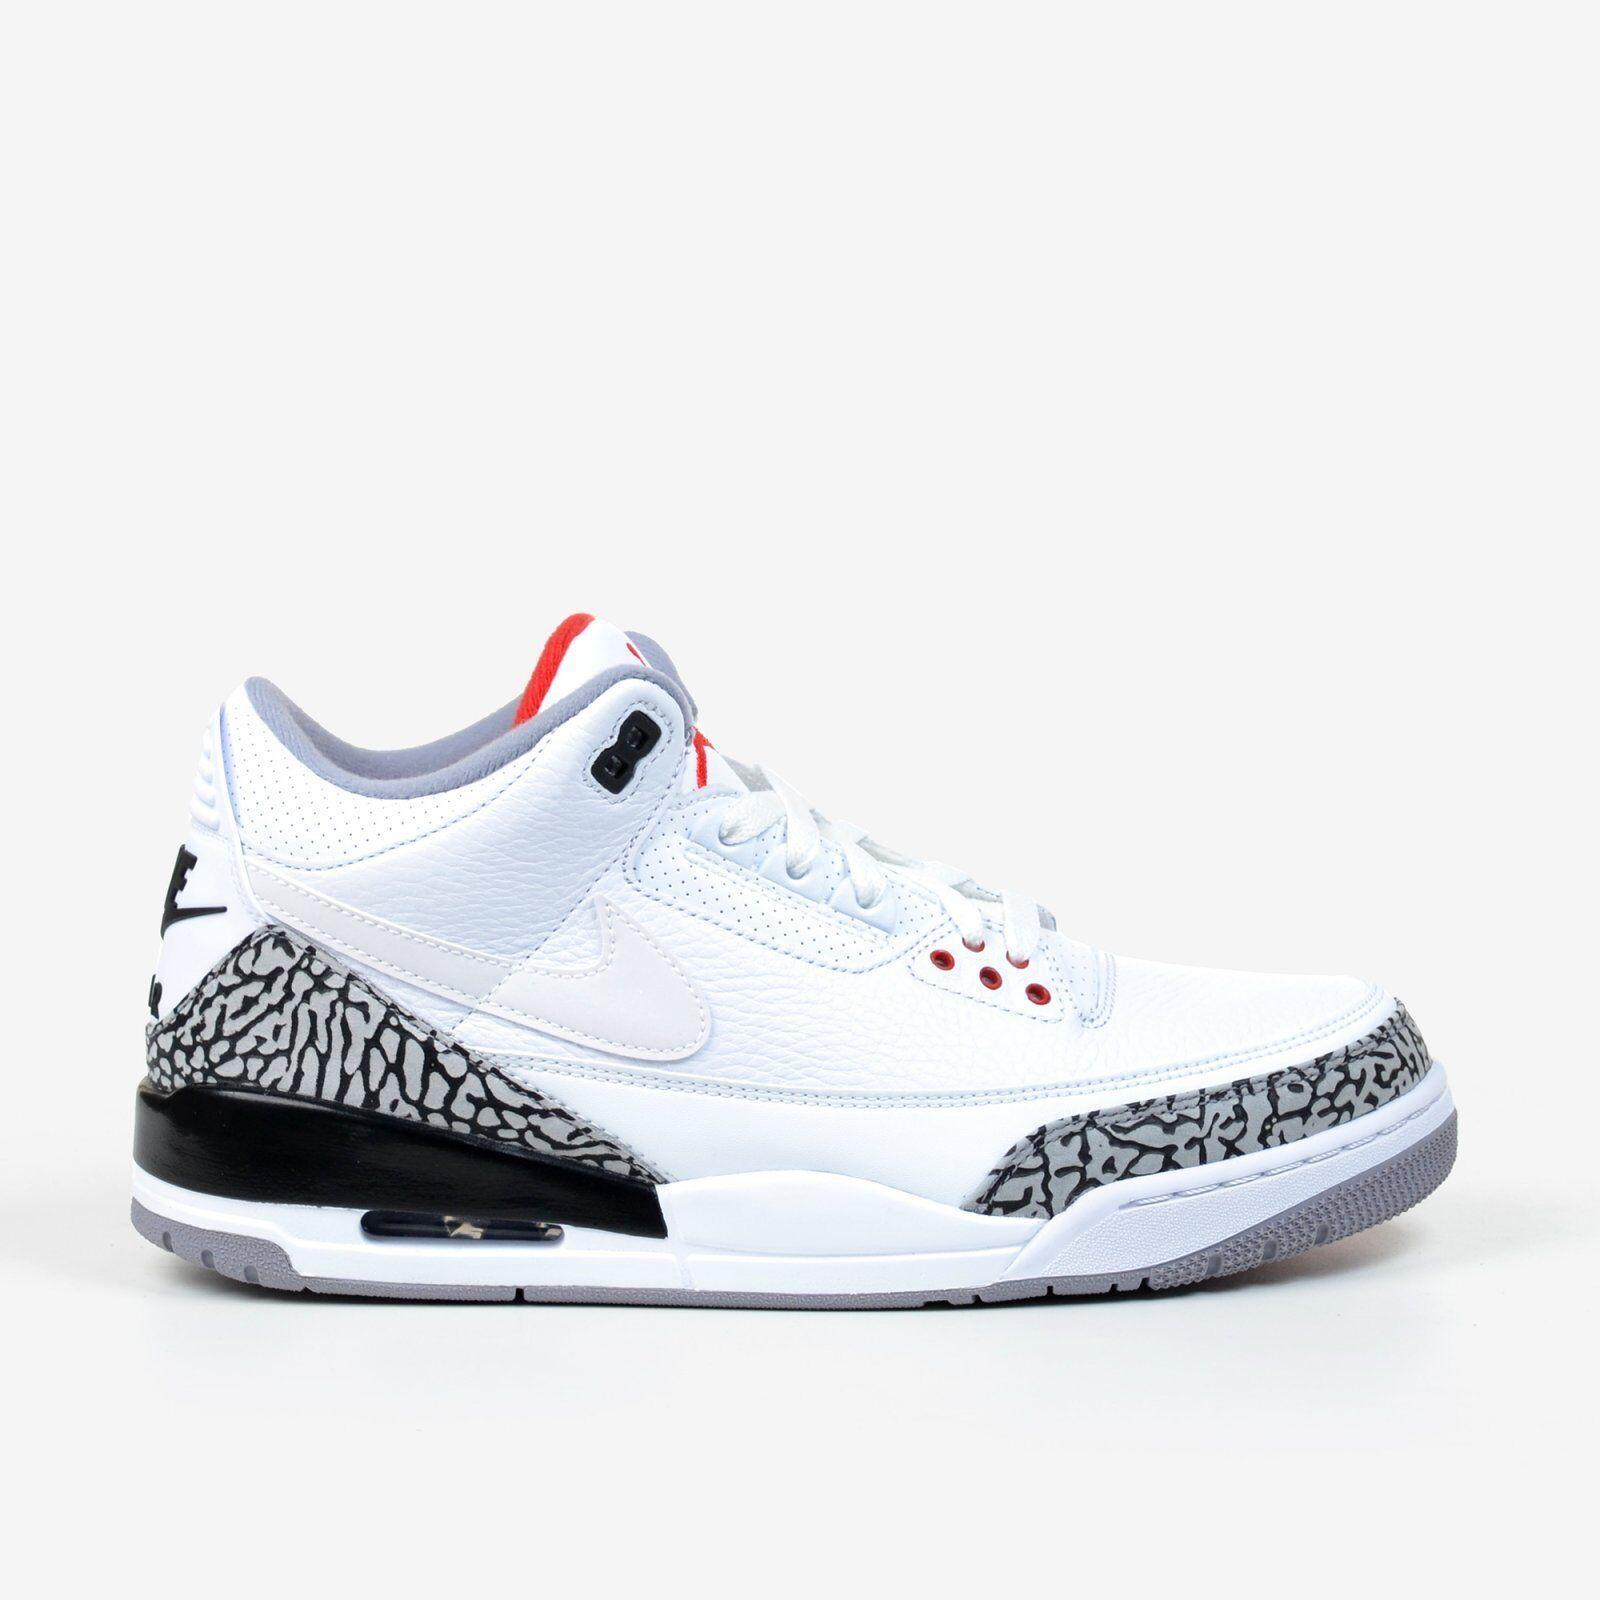 Air Jordan Retro 3 NRG JTH Tinker White